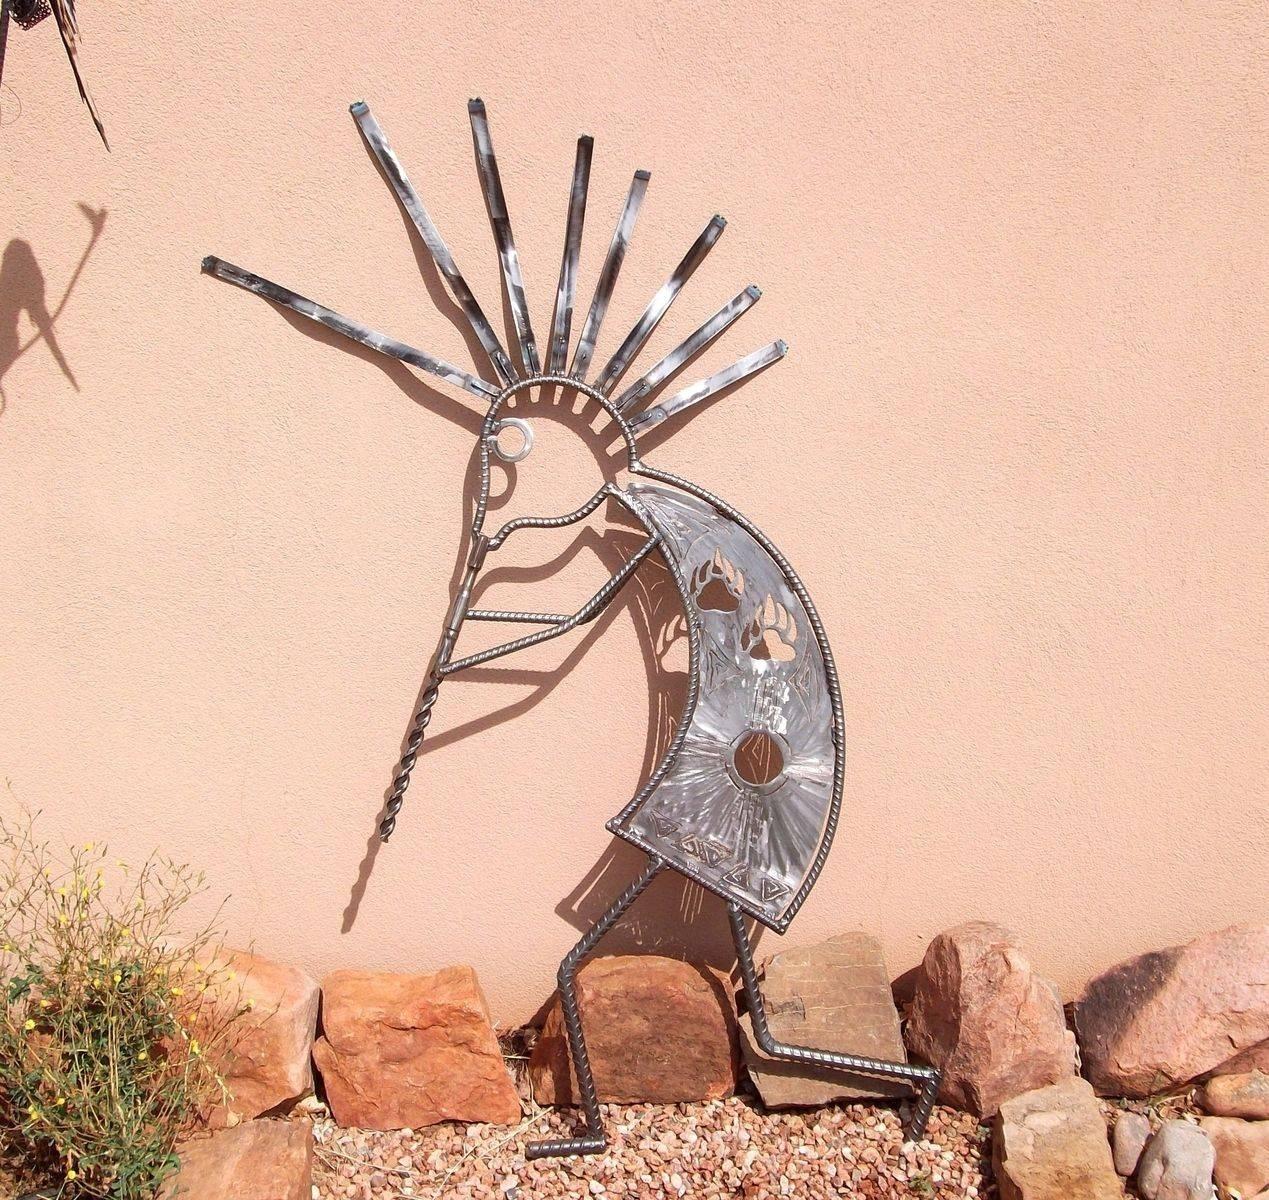 Handmade Garden Art, Home Decor,outdoor Sculpture Kokopelli Throughout Most Popular Kokopelli Metal Wall Art (View 12 of 25)